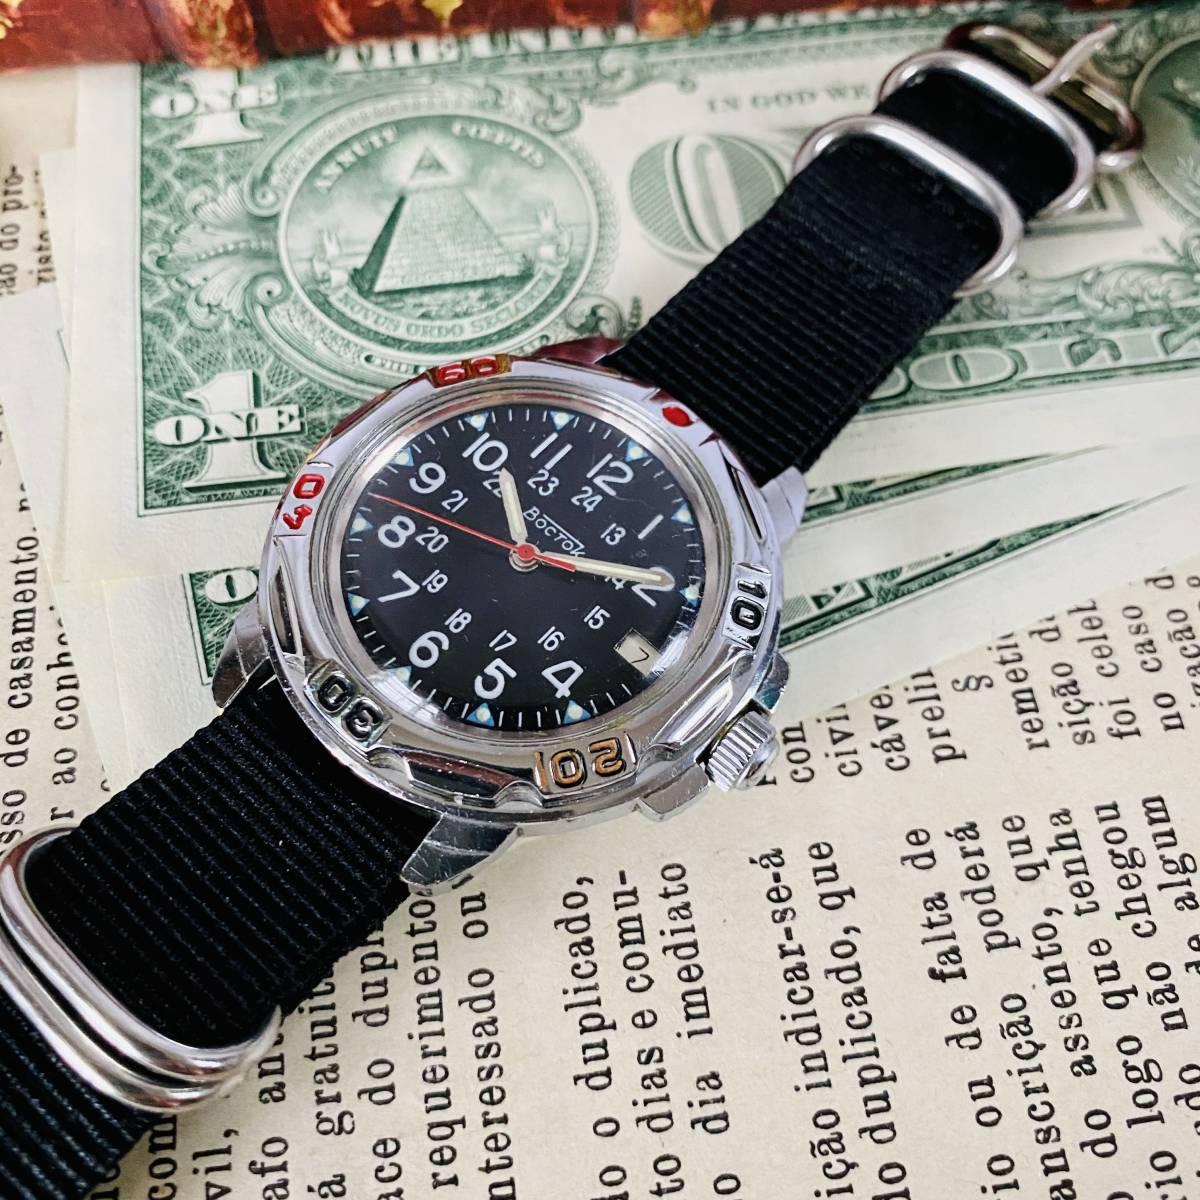 【ミリタリー腕時計】VOSTOK Komandirskie 手巻き 腕時計 メンズ レディース ビンテージ ロシア ボストーク コマンダースキー 24H デイト_画像3